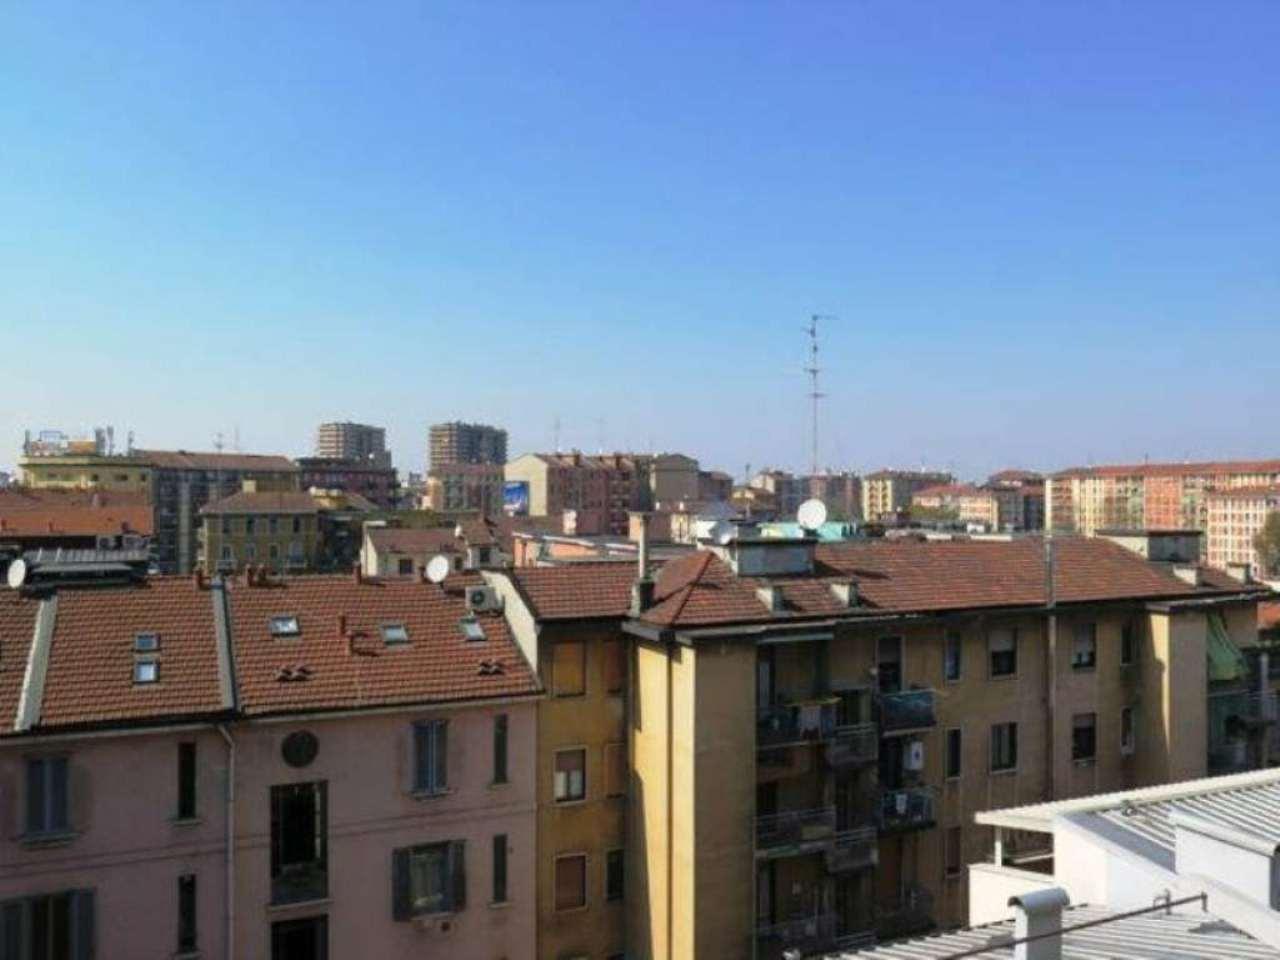 Appartamento in vendita a Milano, 3 locali, zona Zona: 9 . Chiesa Rossa, Cermenate, Ripamonti, Missaglia, Gratosoglio, prezzo € 250.000 | Cambio Casa.it